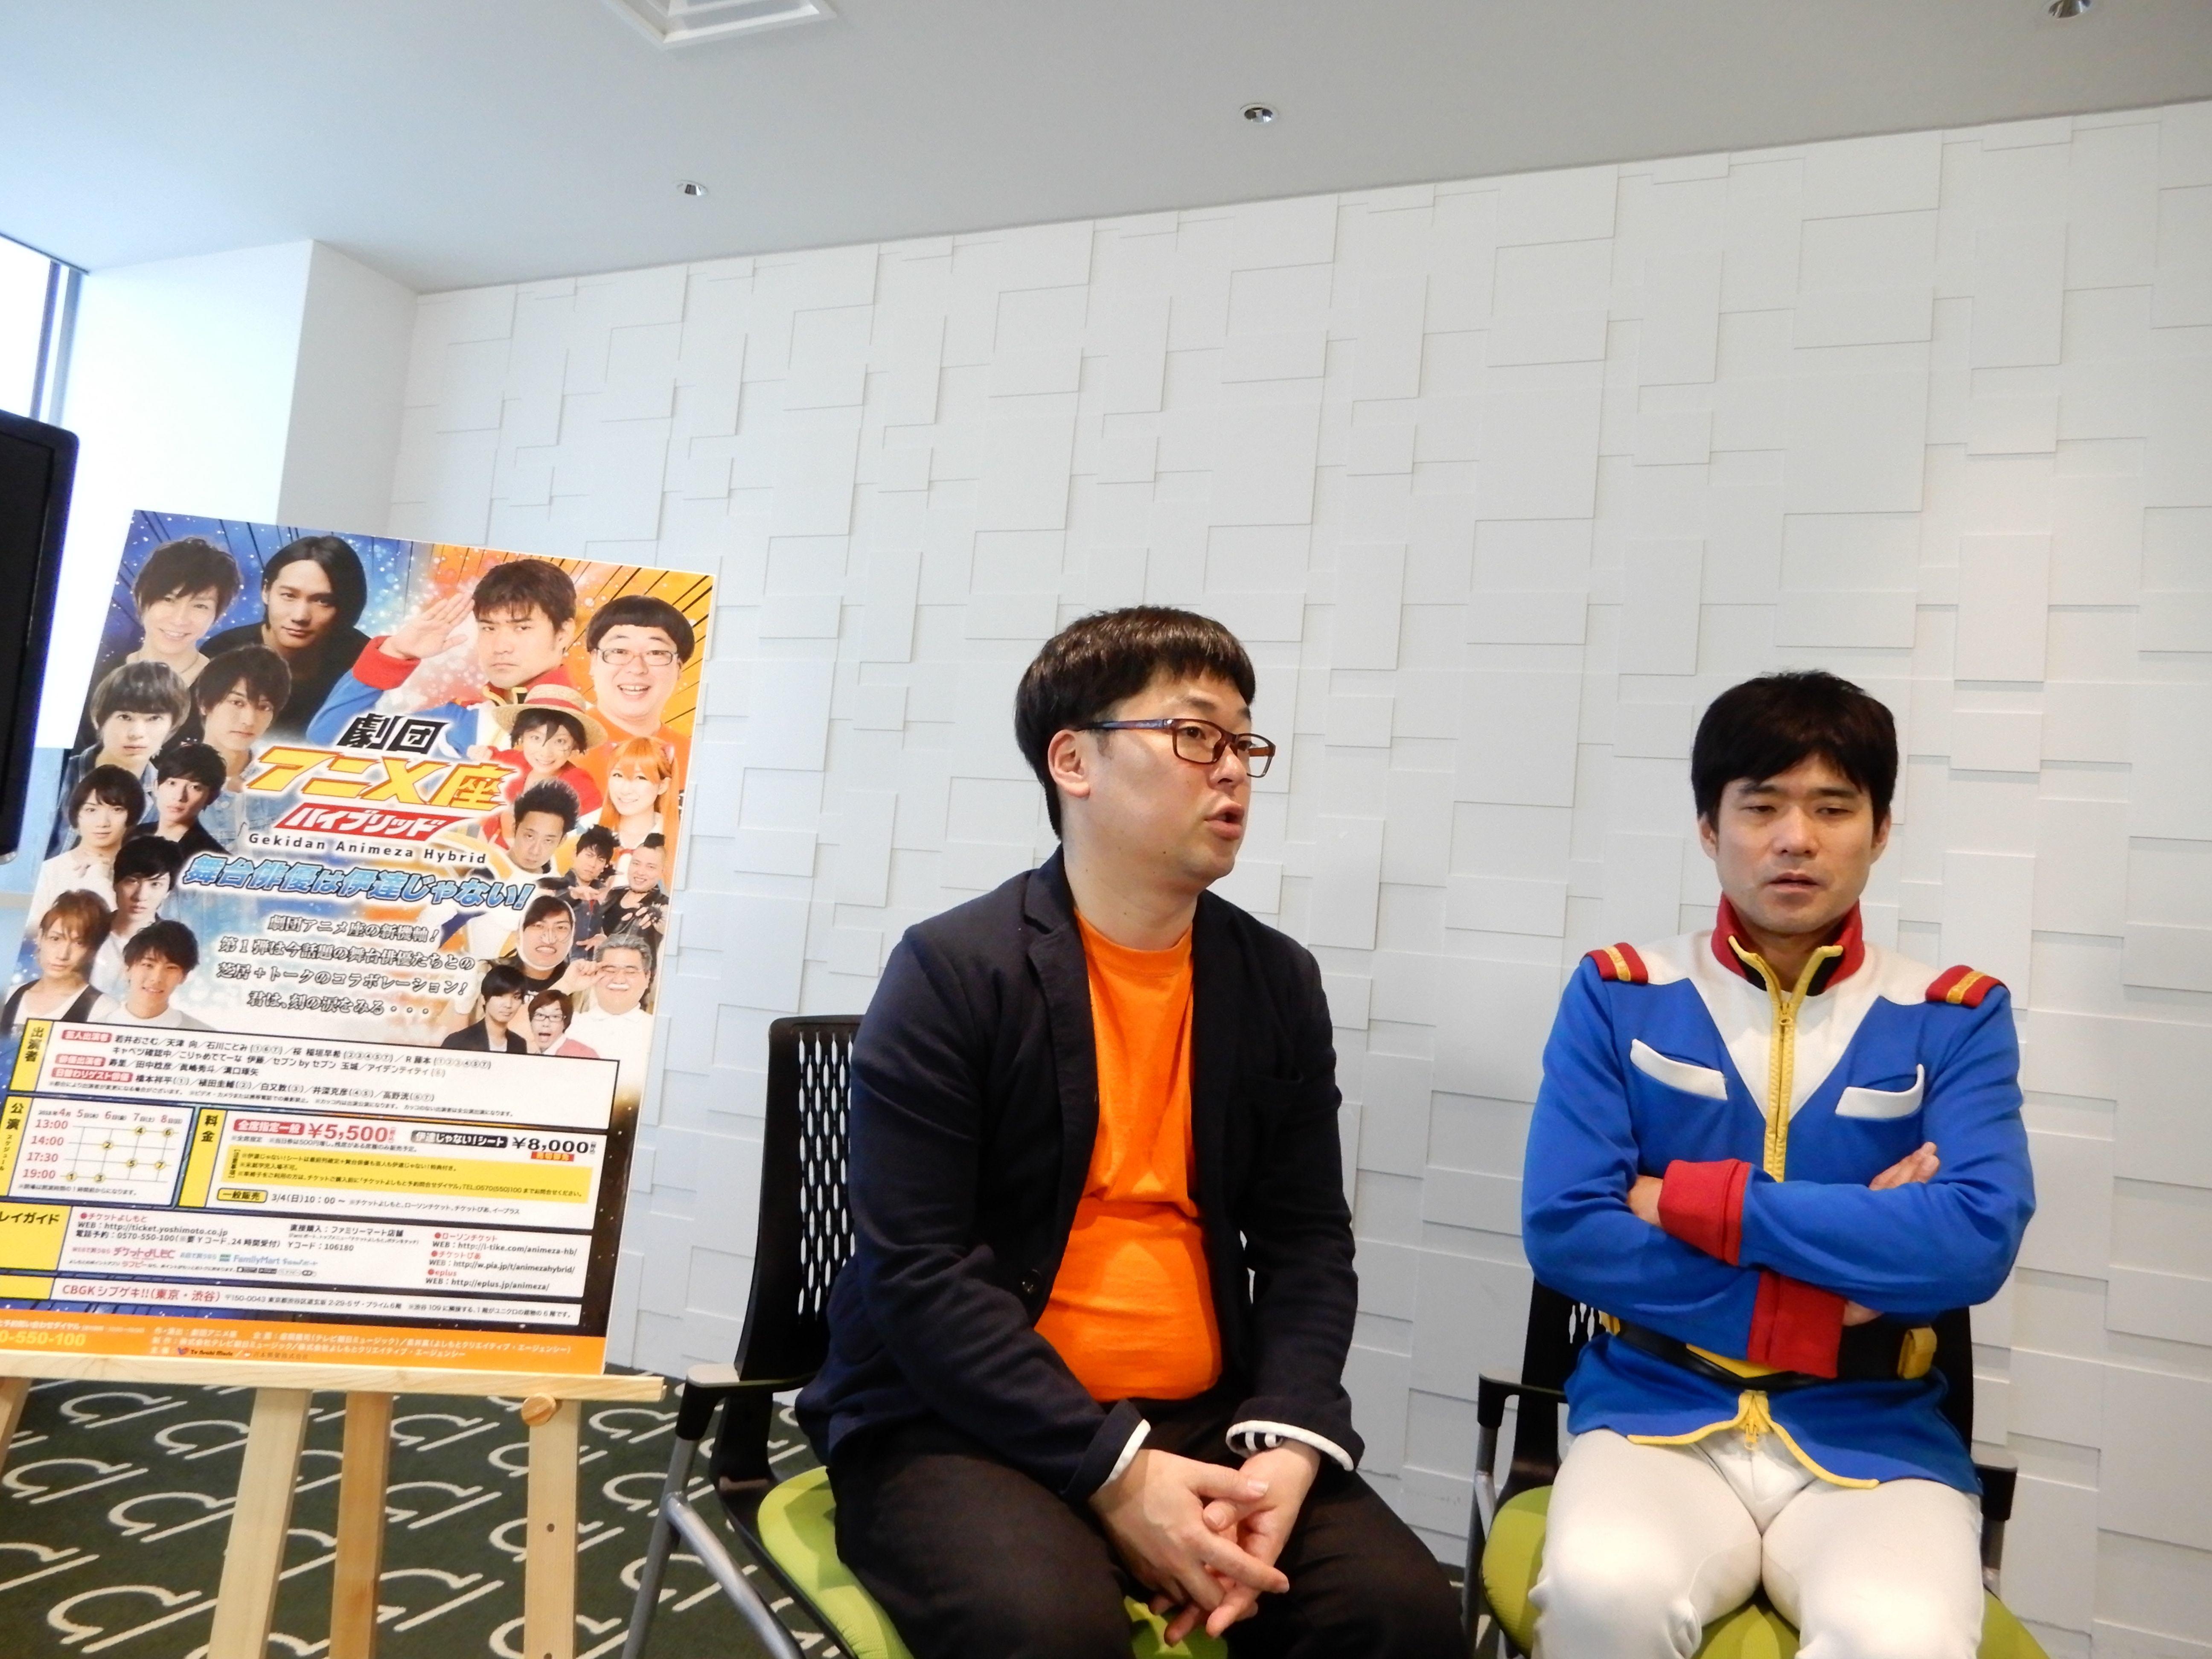 http://news.yoshimoto.co.jp/20180316233603-1f20cb304ecd22d53b53f0ced1dcd01c6af7b6d4.jpg